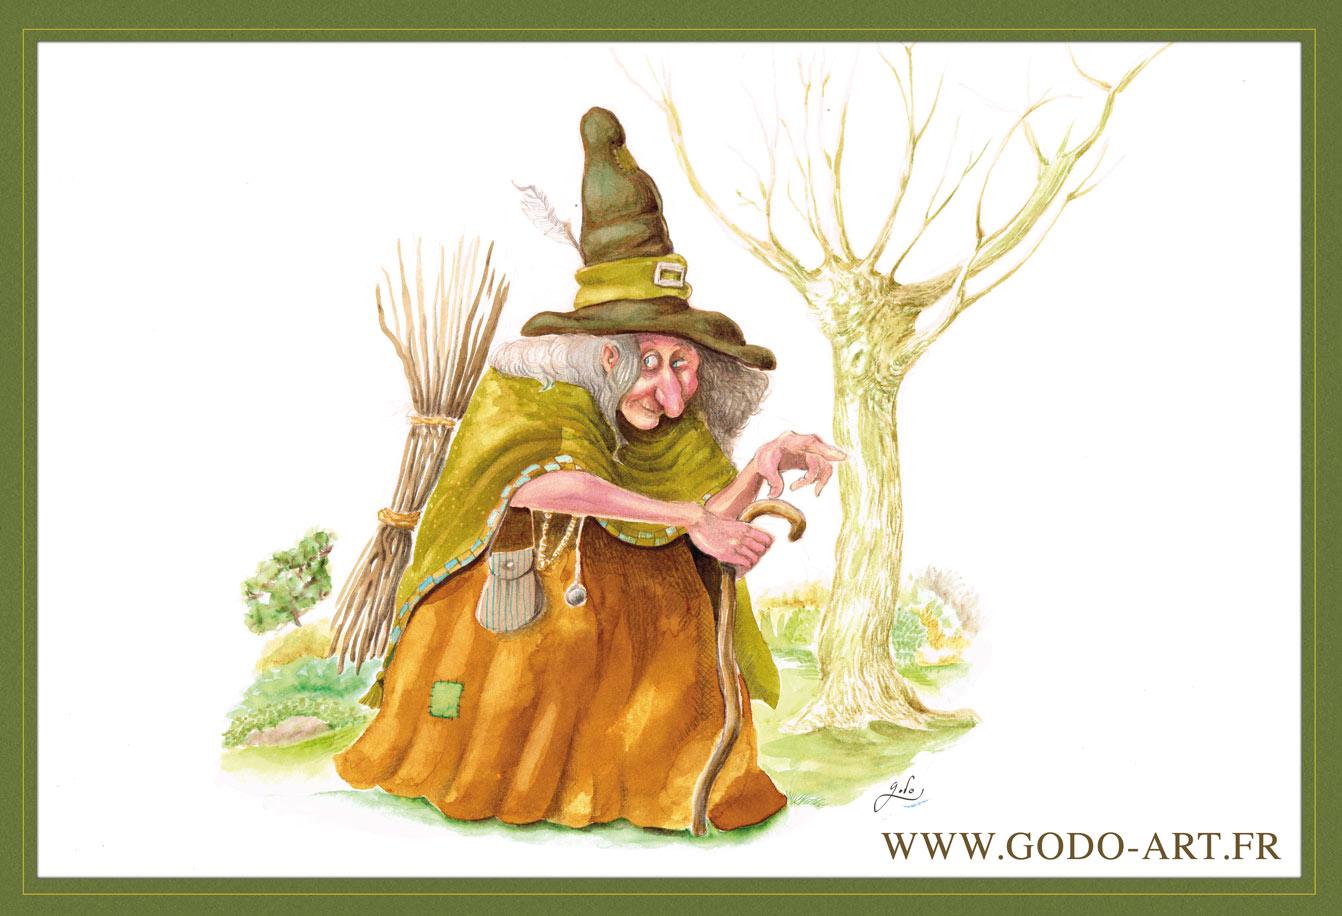 illustration d'une vieille sorcière de conte de fée. Réalisation aux encres aquarelle et crayon